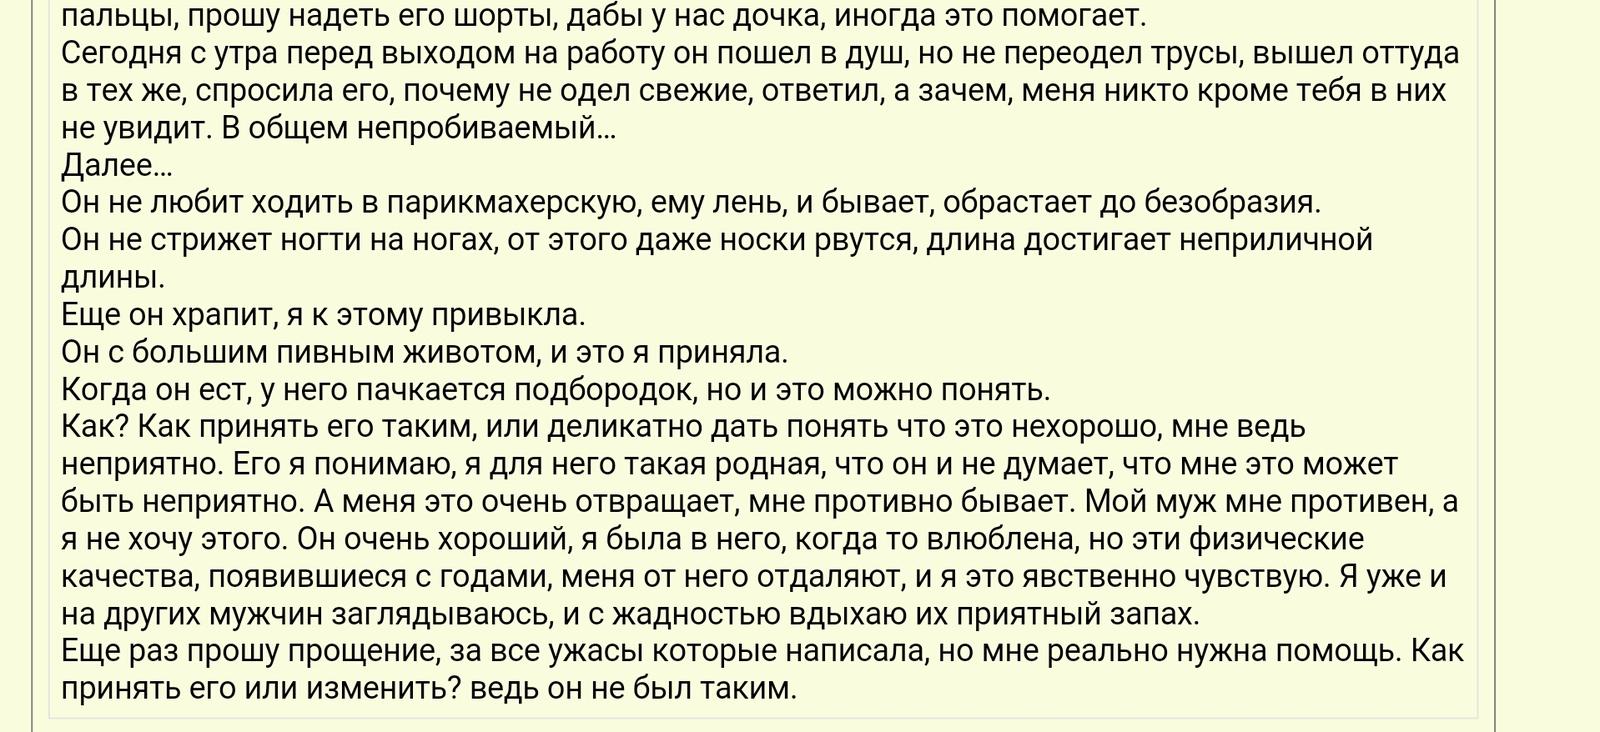 porot-bichom-muzhika-poryat-v-zad-foto